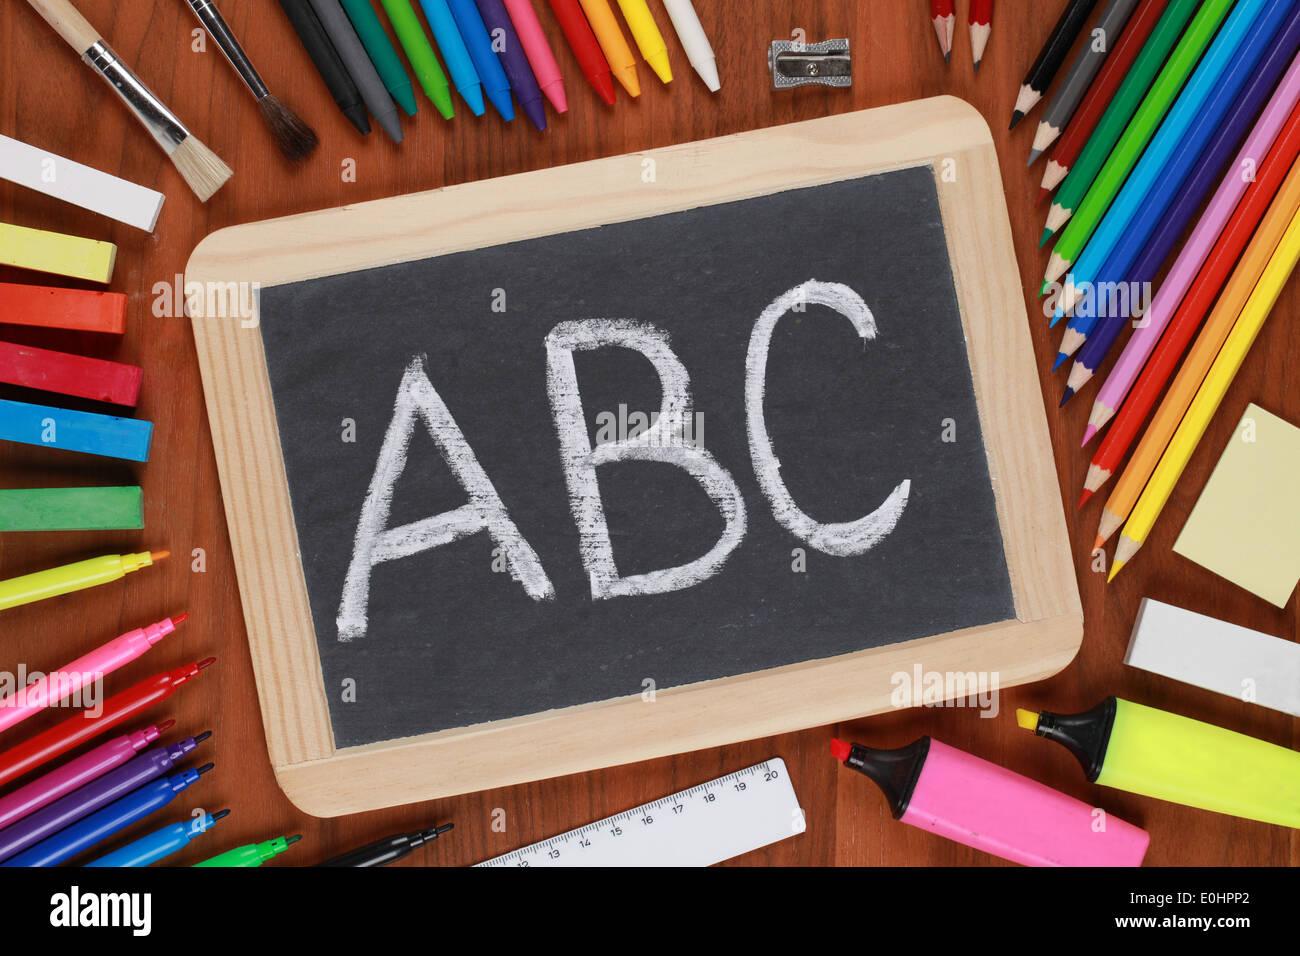 Le lettere ABC su una lavagna a scuola Immagini Stock